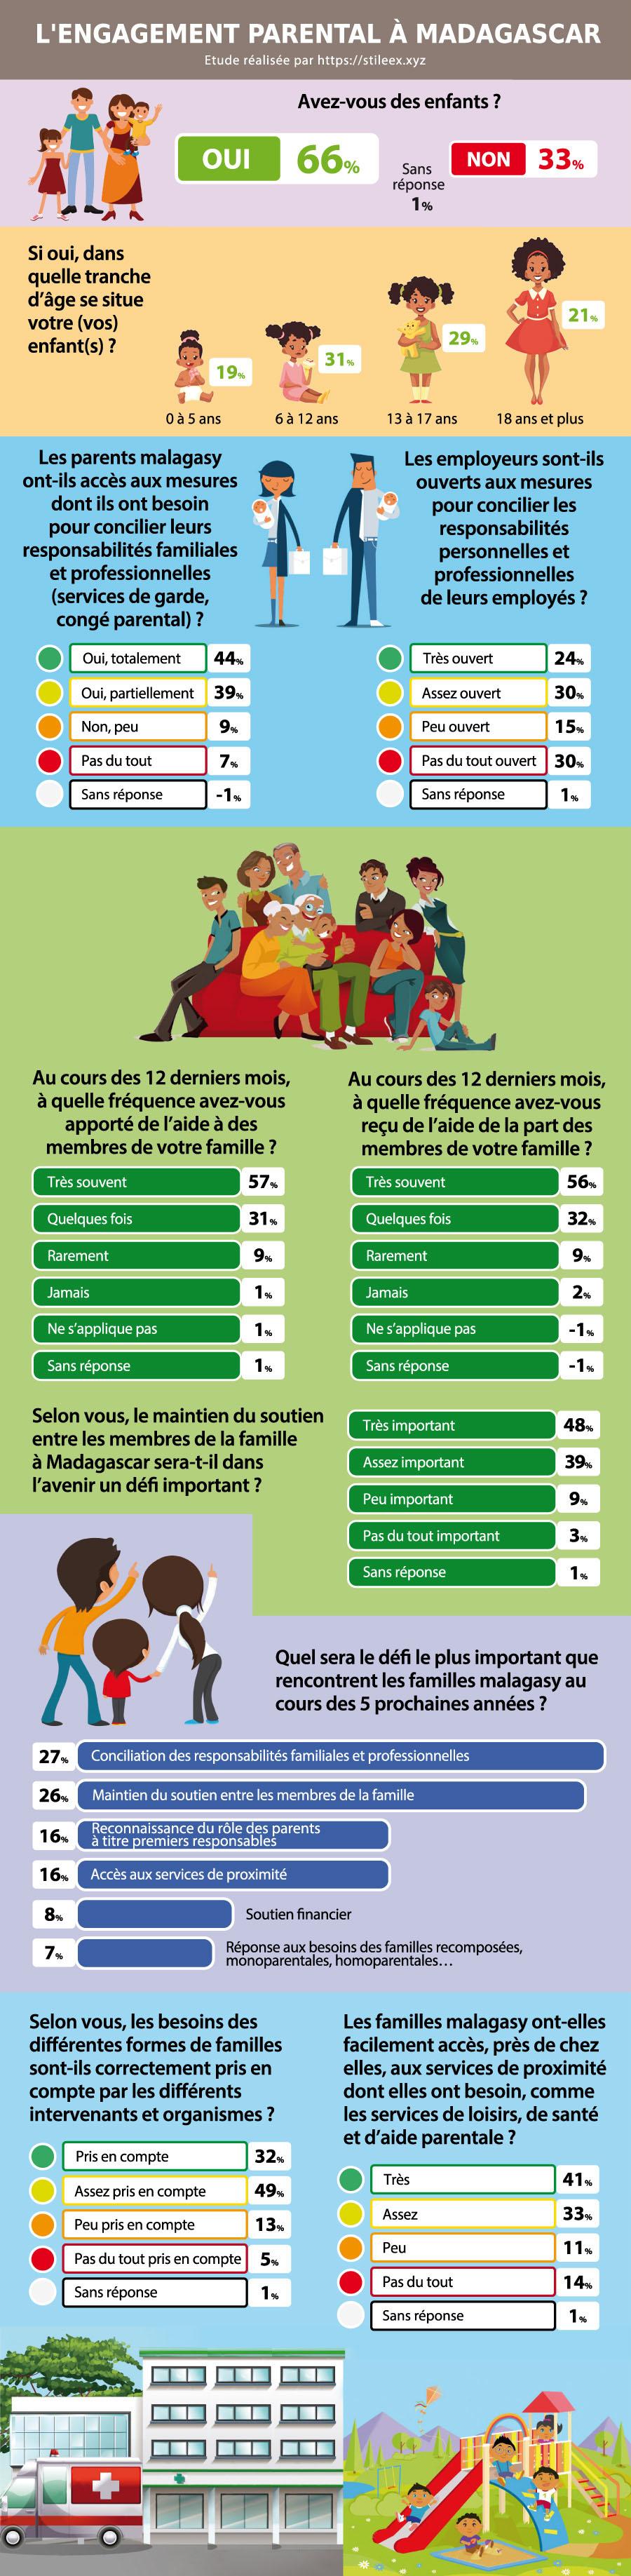 L'avis des Tananariviens sur l'engagement parental à Madagascar